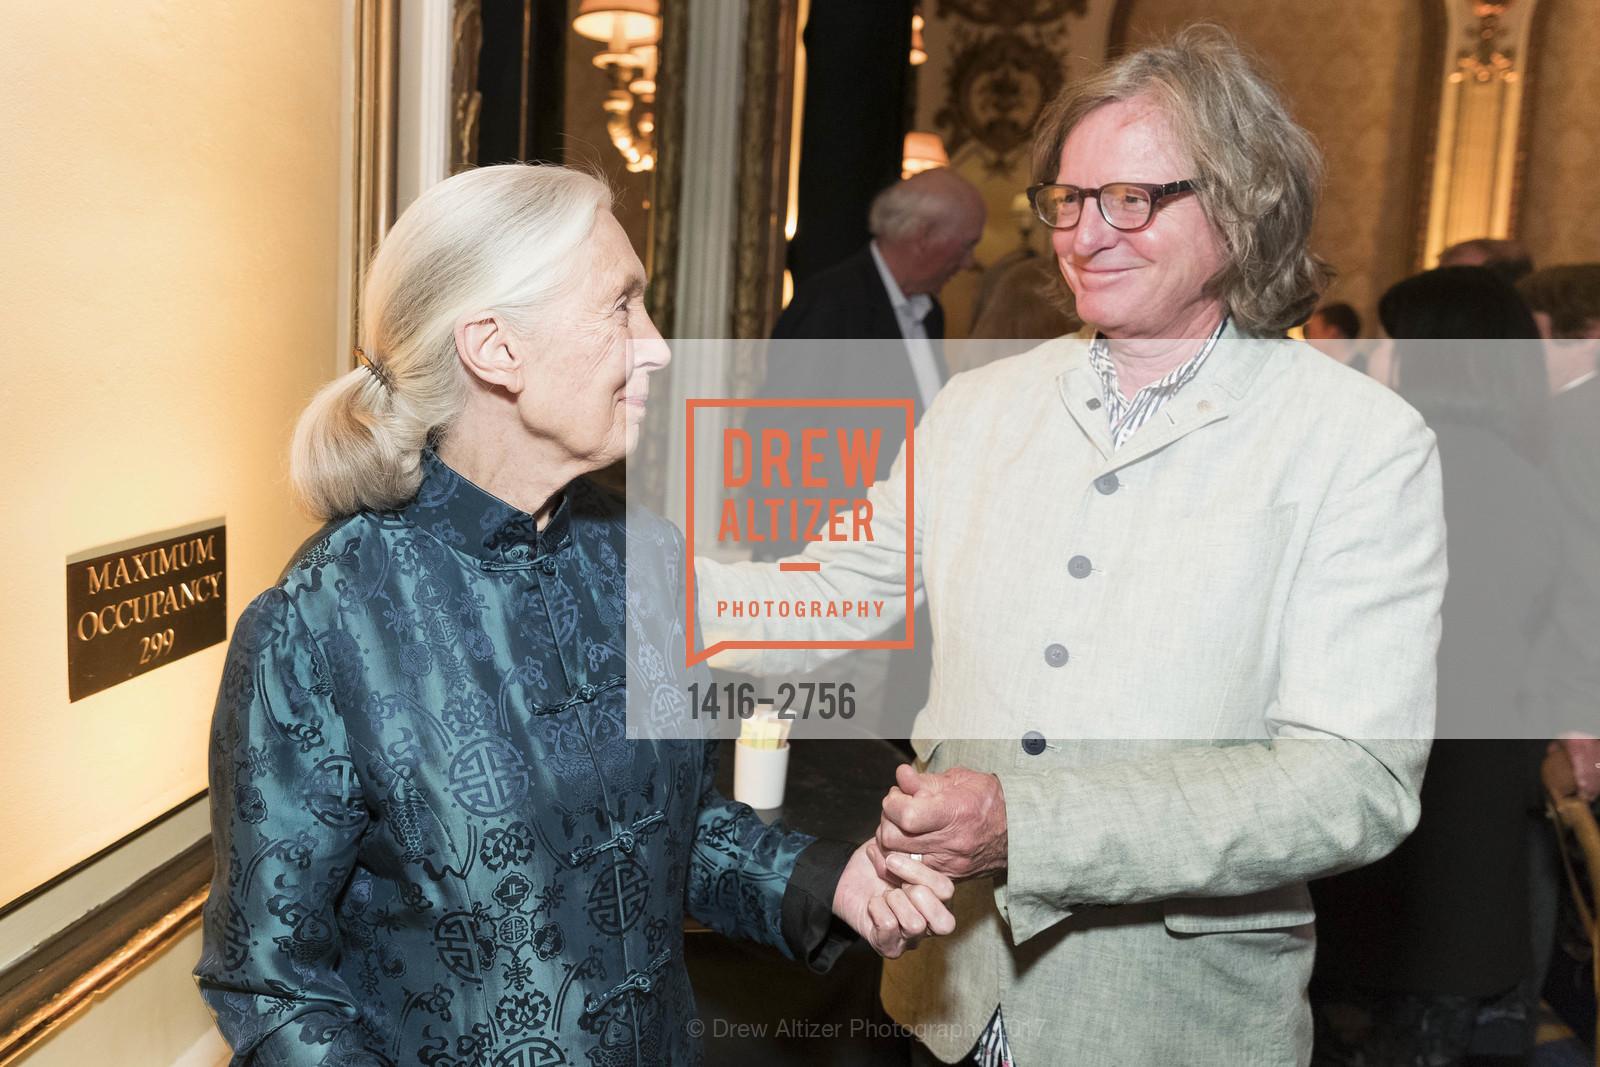 Jane Goodall, Photo #1416-2756